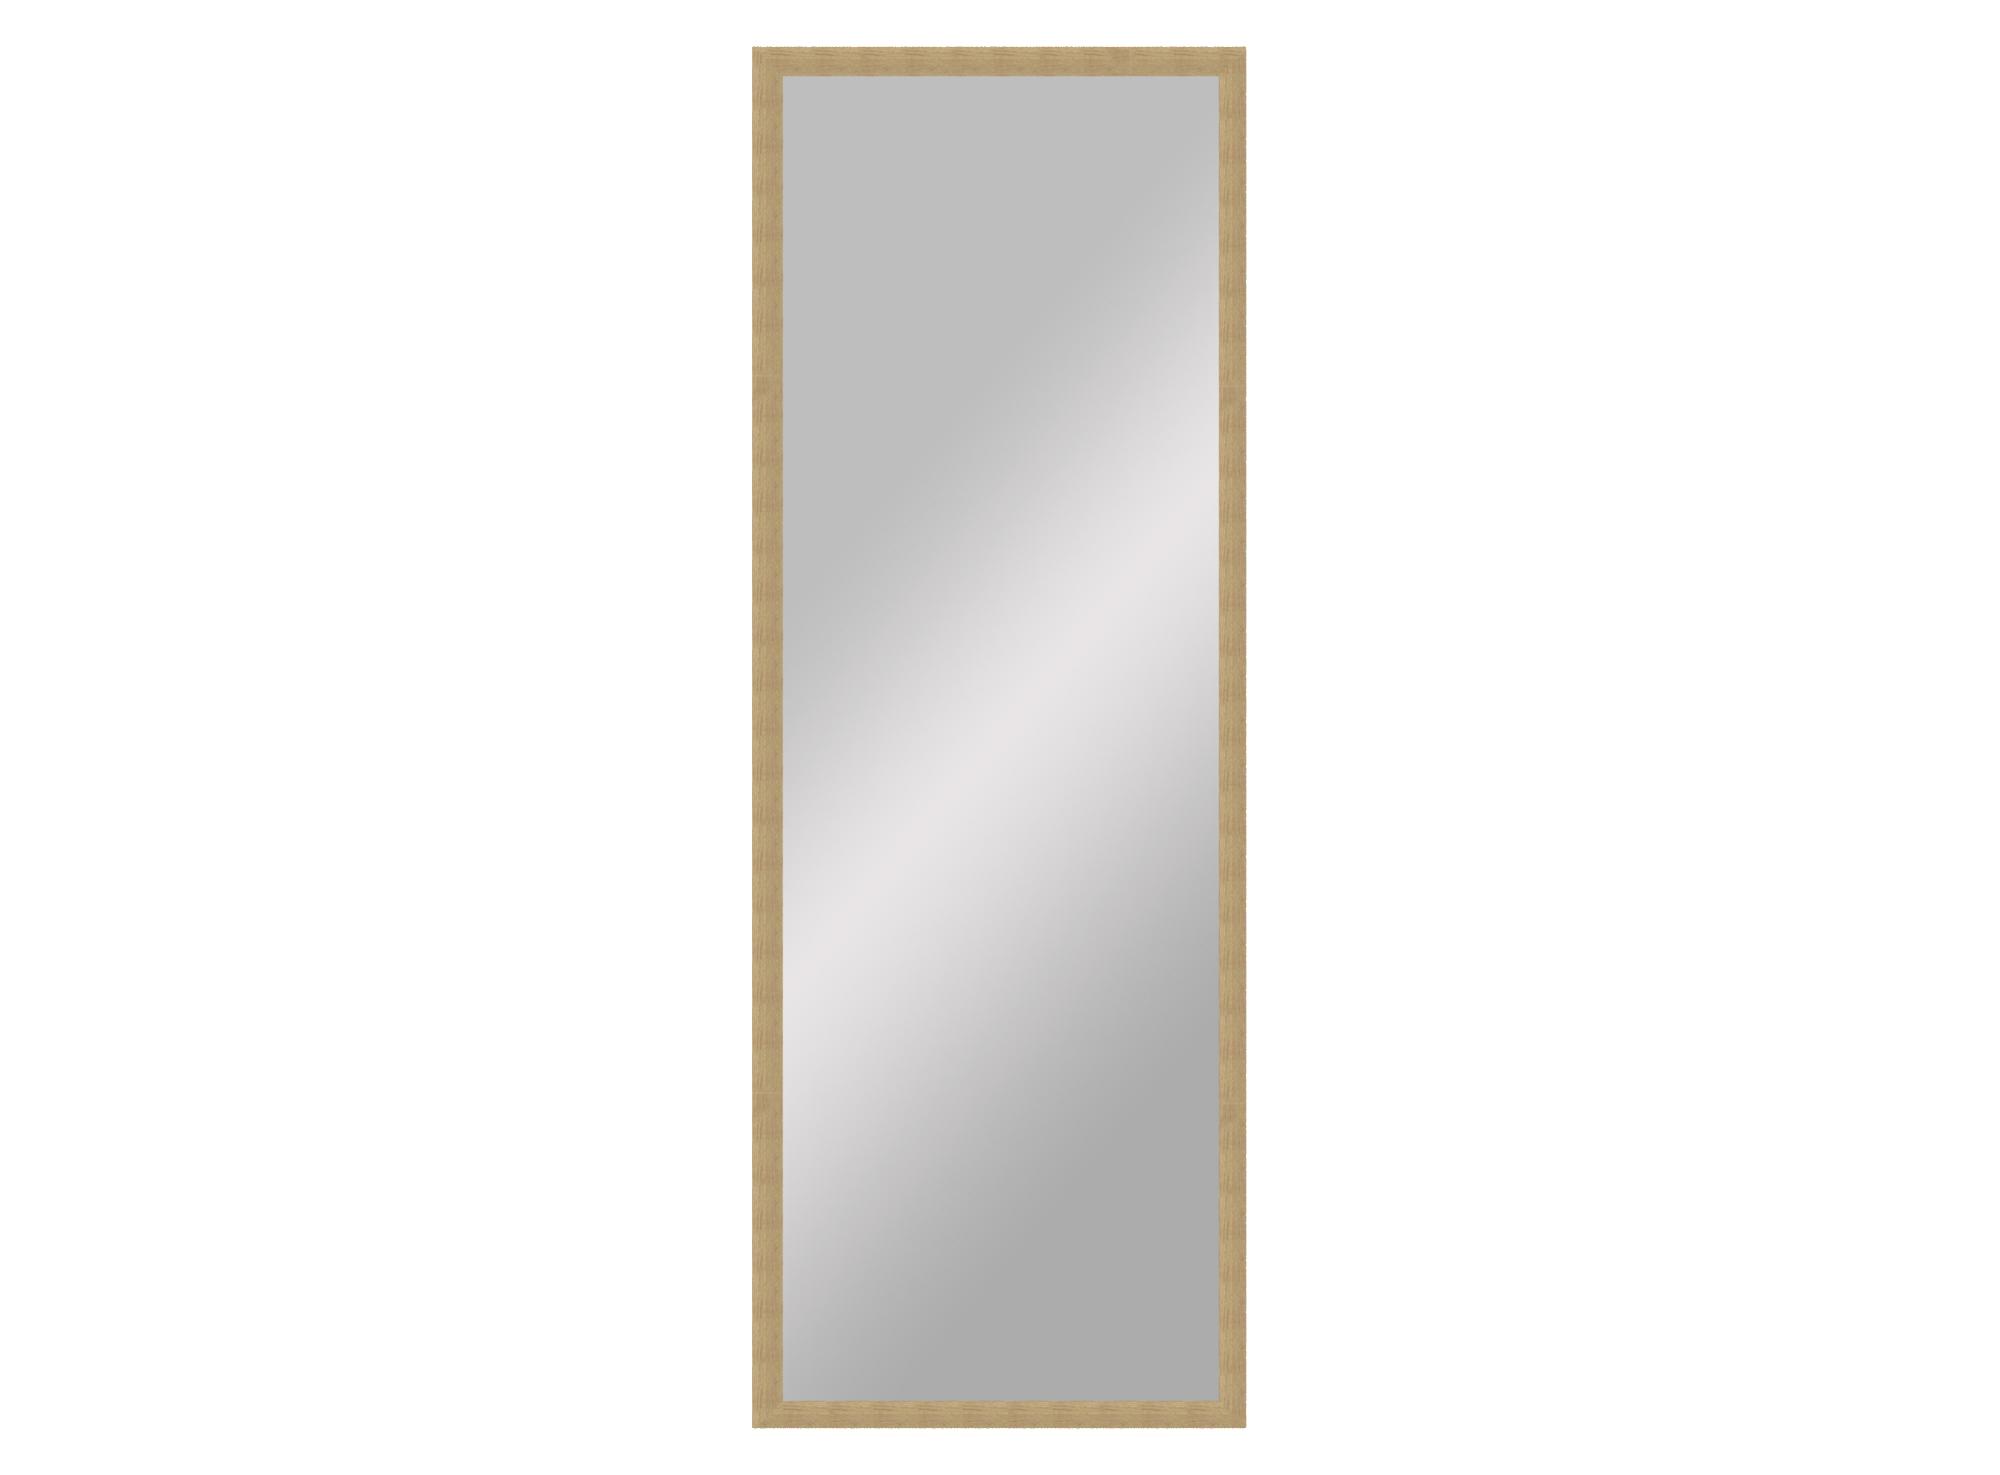 Miroir dimensions interieures 40x140cm) avec cadre moulure en mdf typ ...